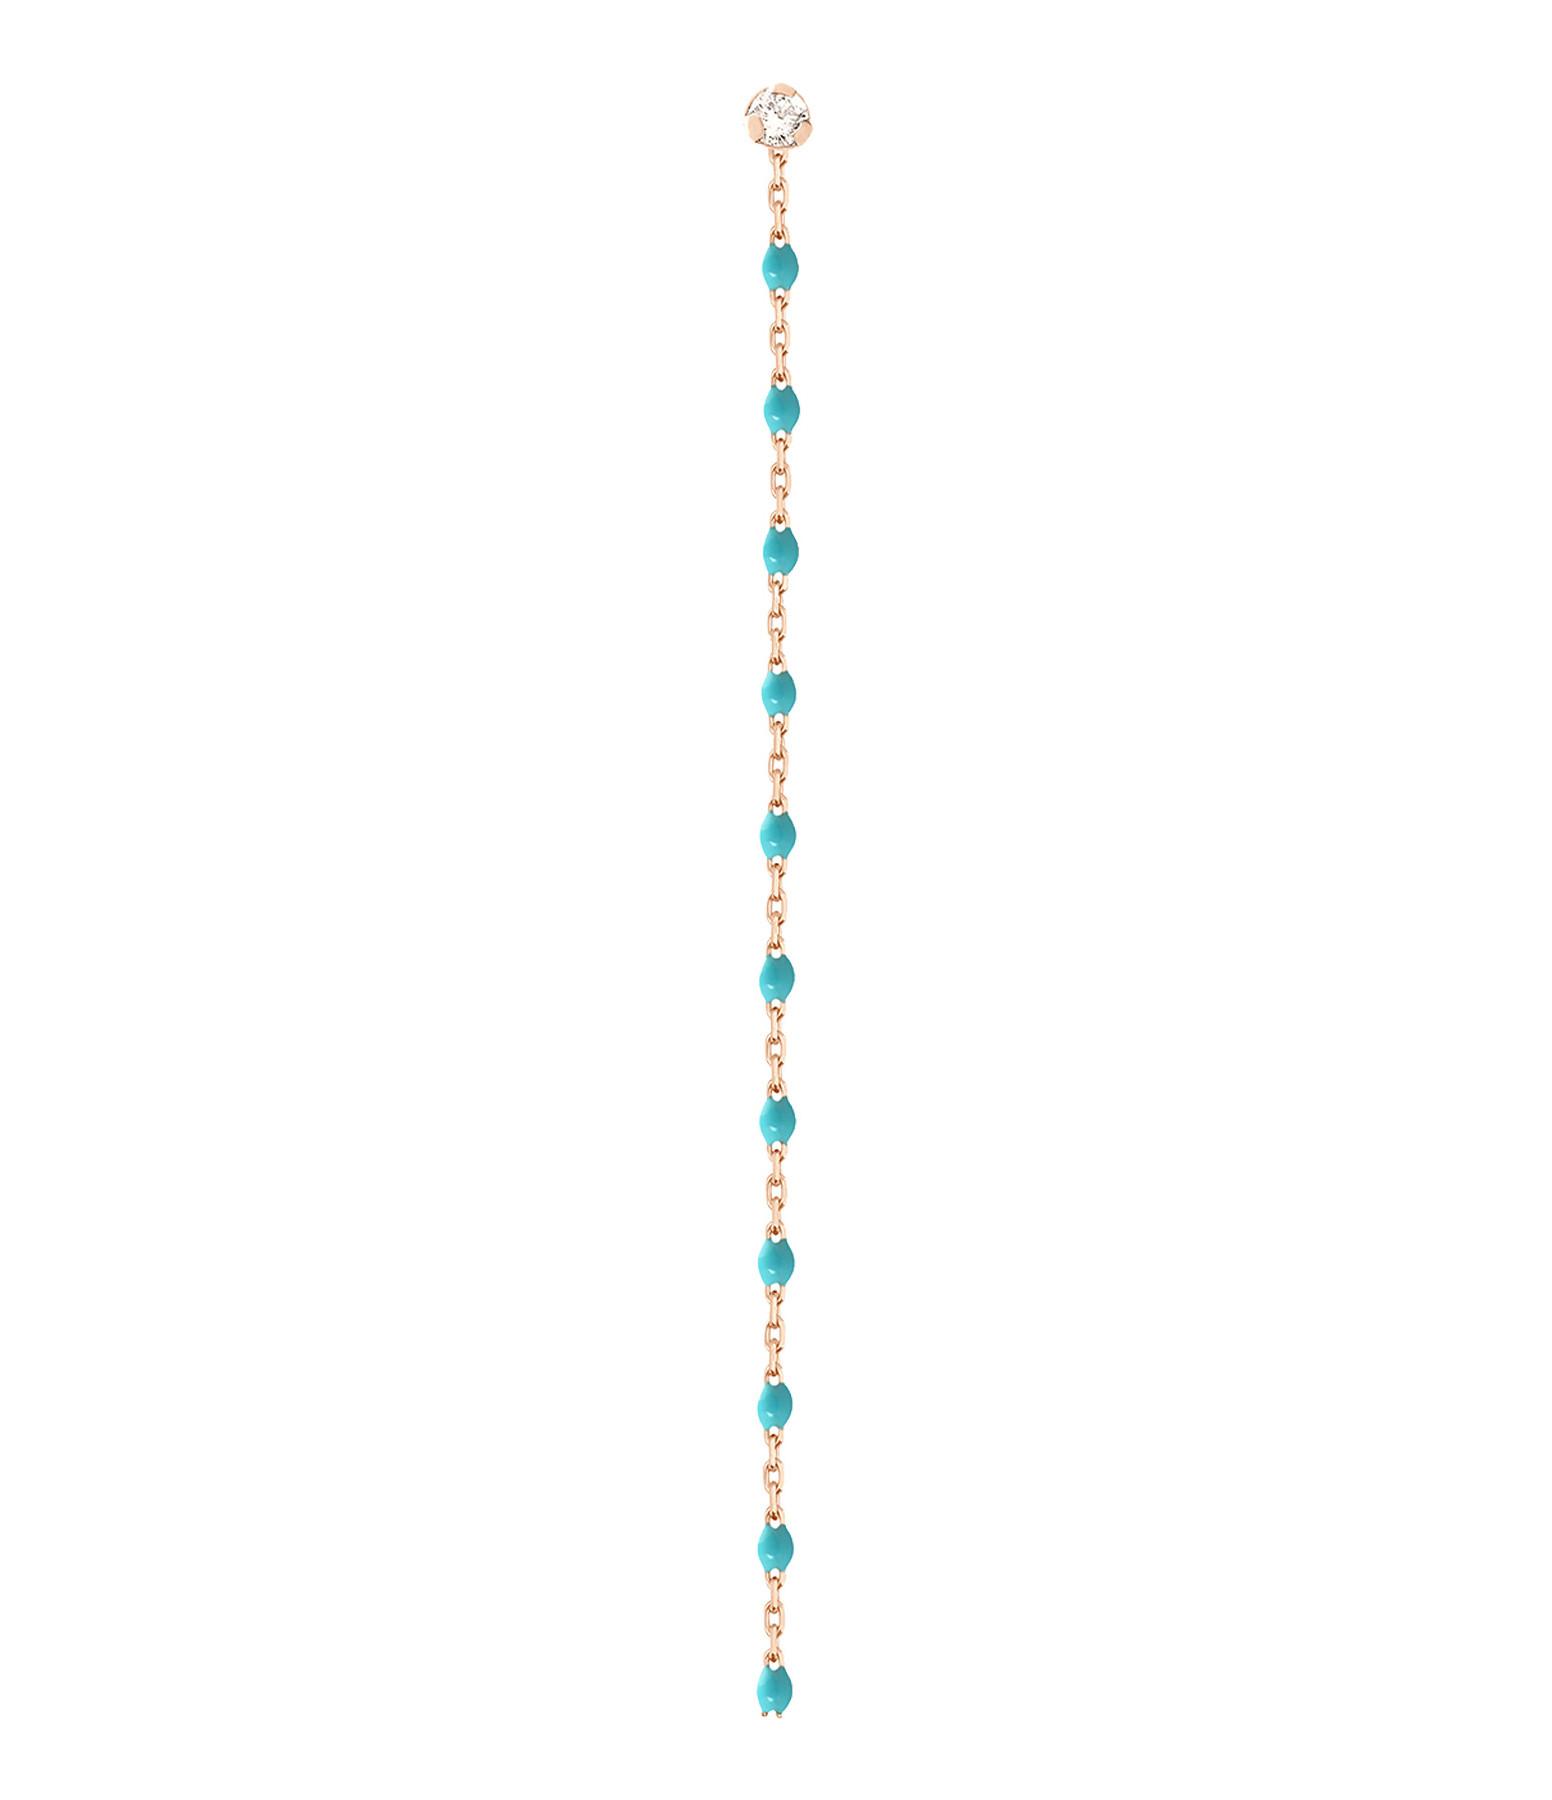 GIGI CLOZEAU - Boucle d'oreille Mini Gigi Party Diamants (vendue à l'unité)